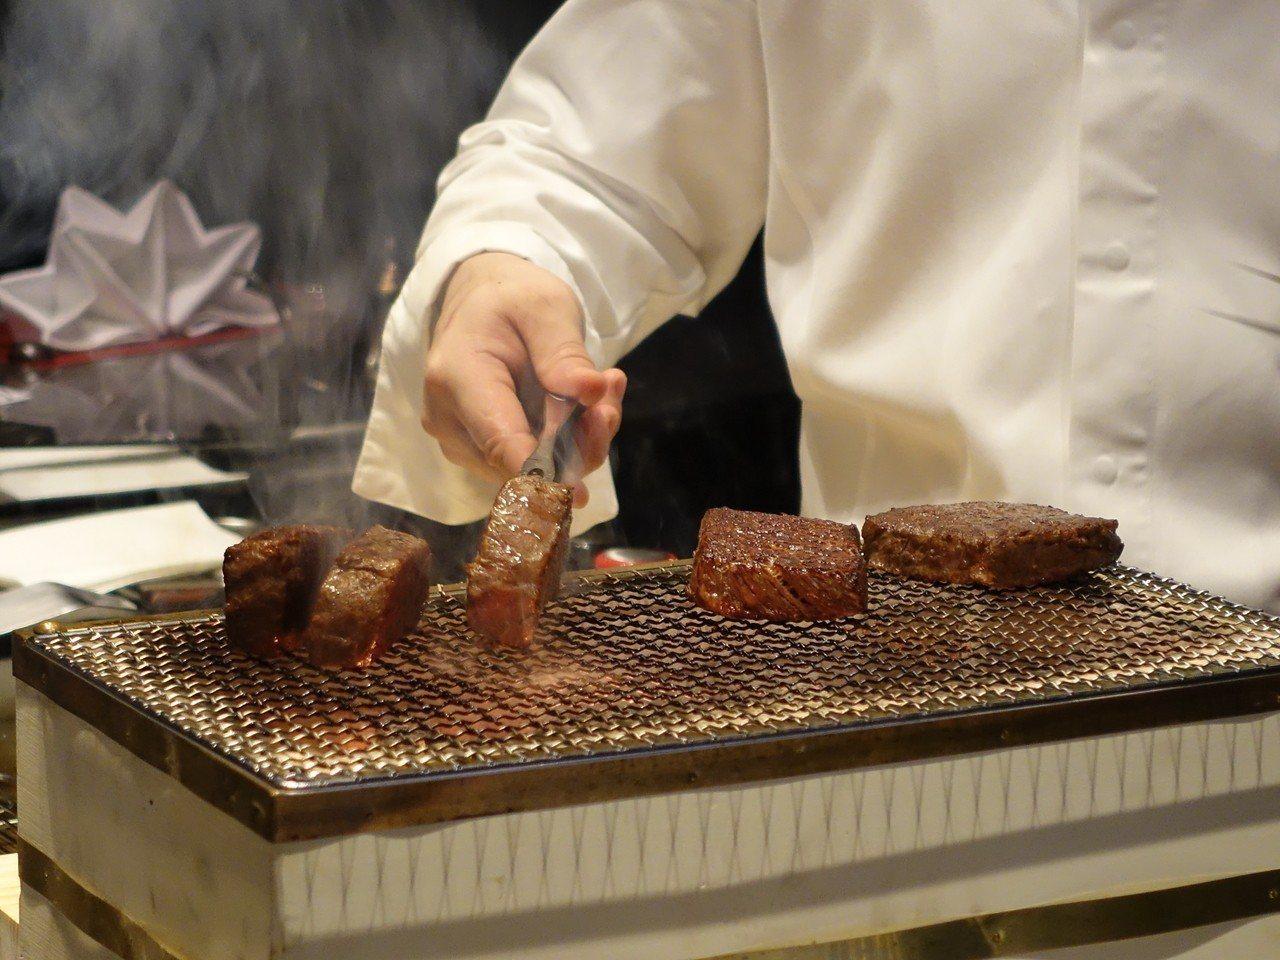 先低溫烹調,再以備長炭燒烤,使牛排表皮焦脆。記者張芳瑜/攝影